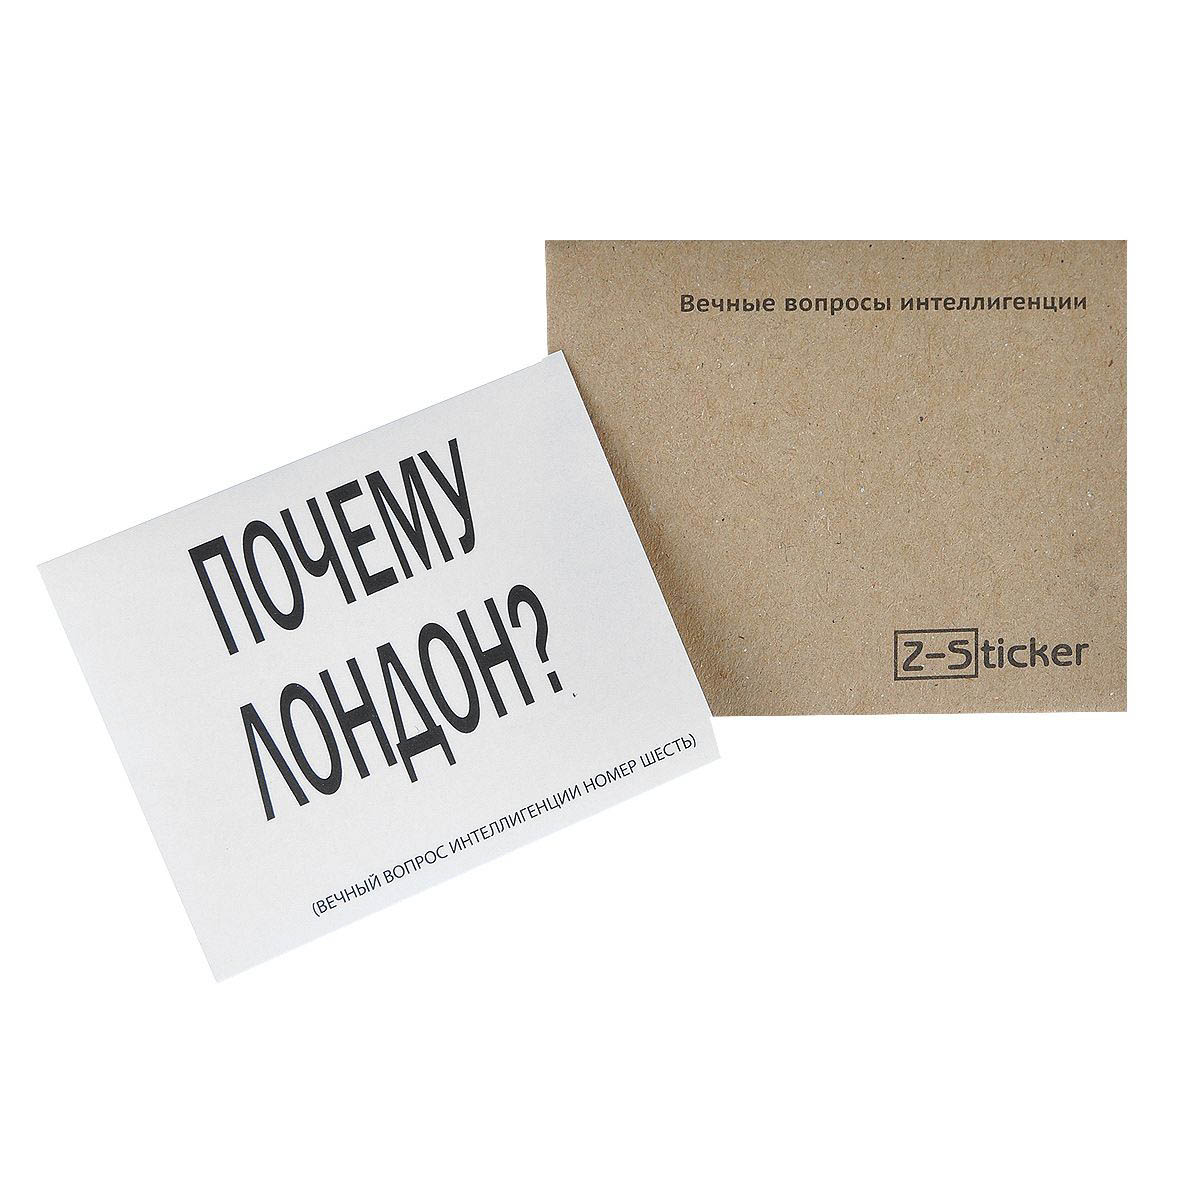 Вечные вопросы интеллигенции набор из 7 карточек